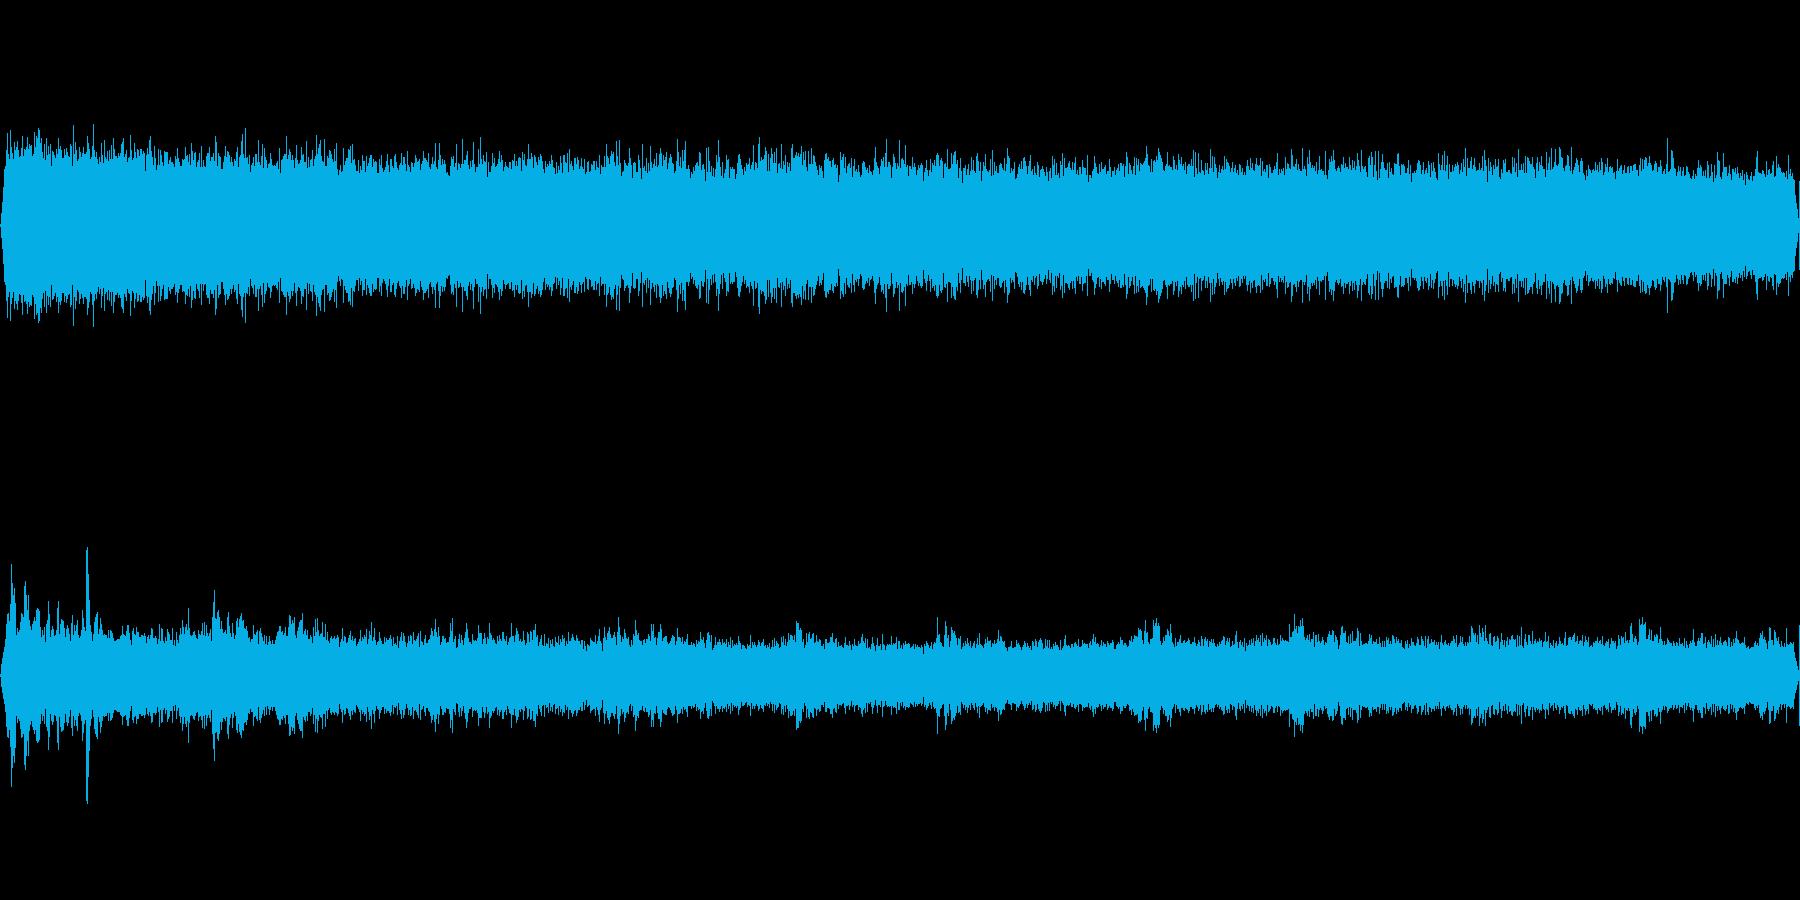 ニイニイゼミとオオルリが鳴く夏の山の再生済みの波形